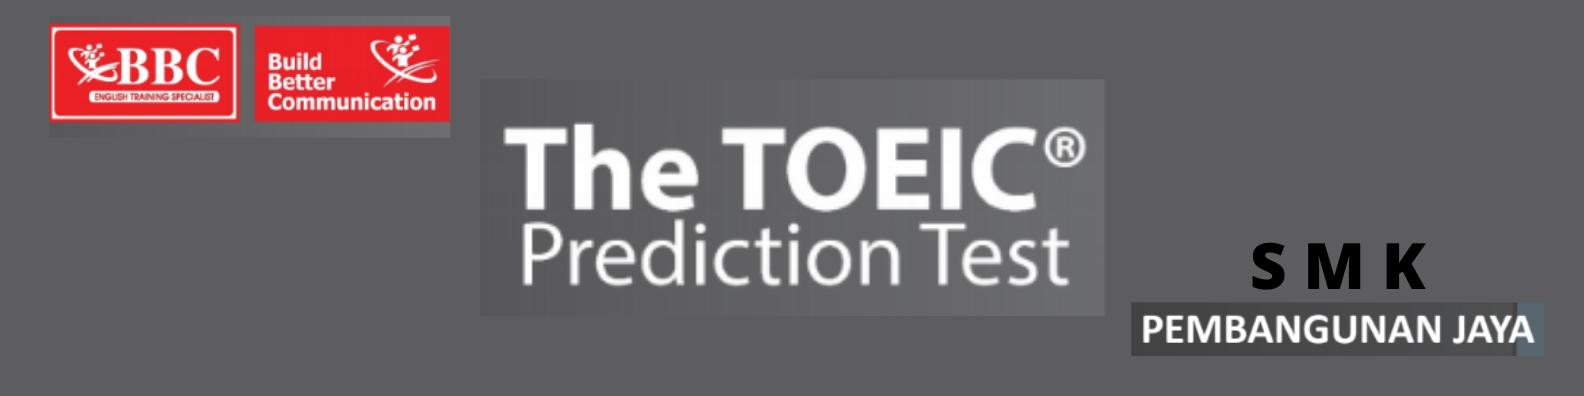 TOEIC Prediction Test at SMK Pembangunan Jaya (YAKAPI)